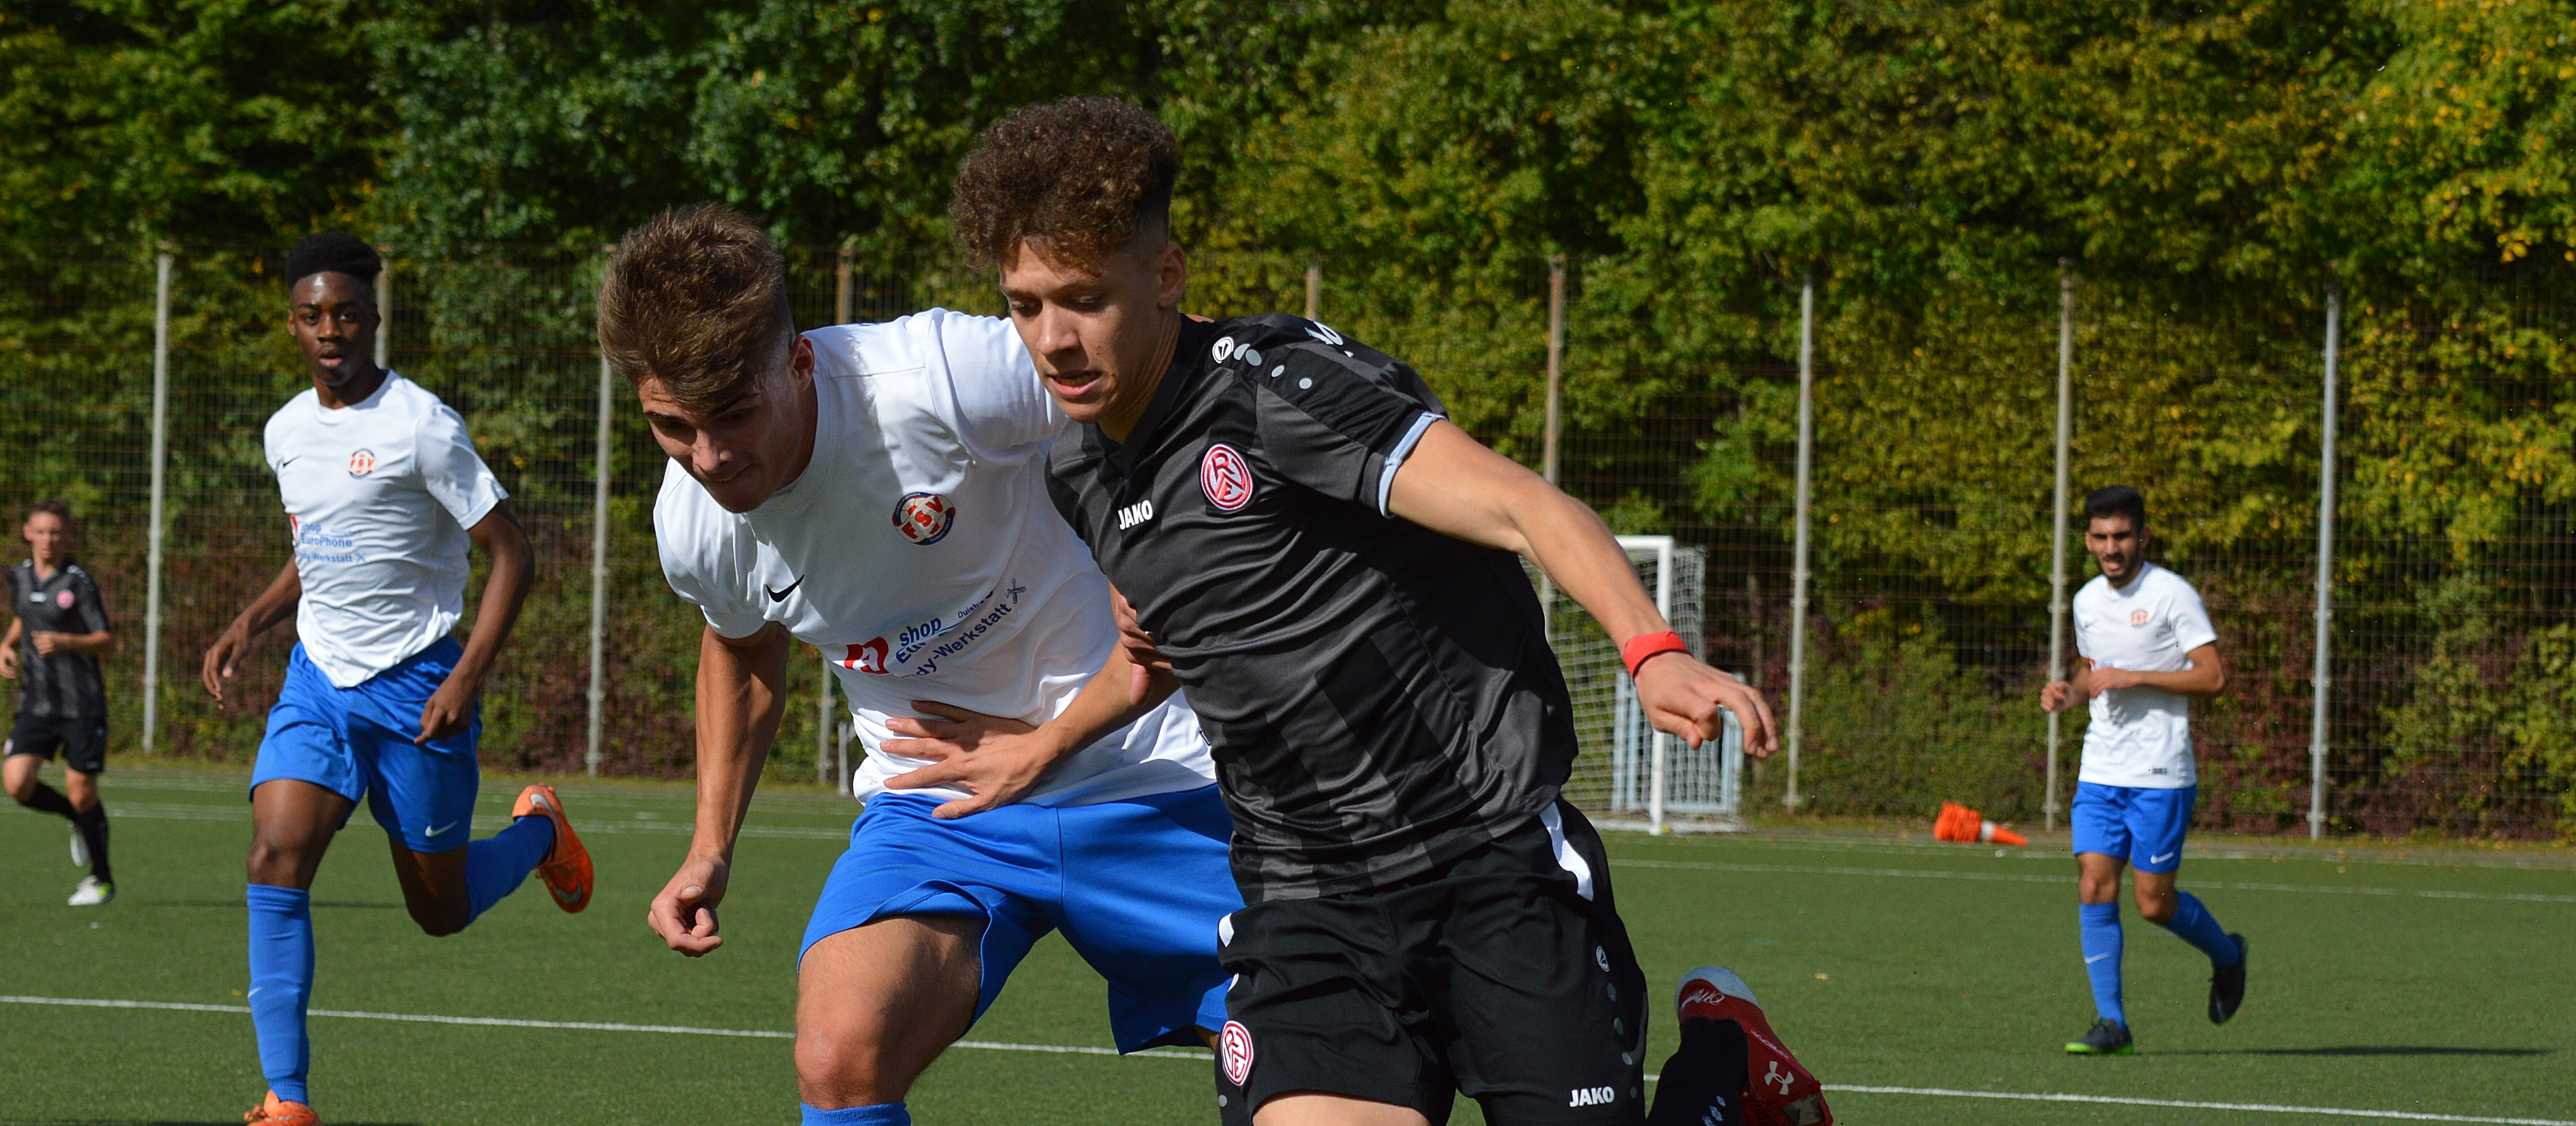 Die U19 von RWE trifft am Sonntag auf den FSV Duisburg. (Foto: Skuppin)